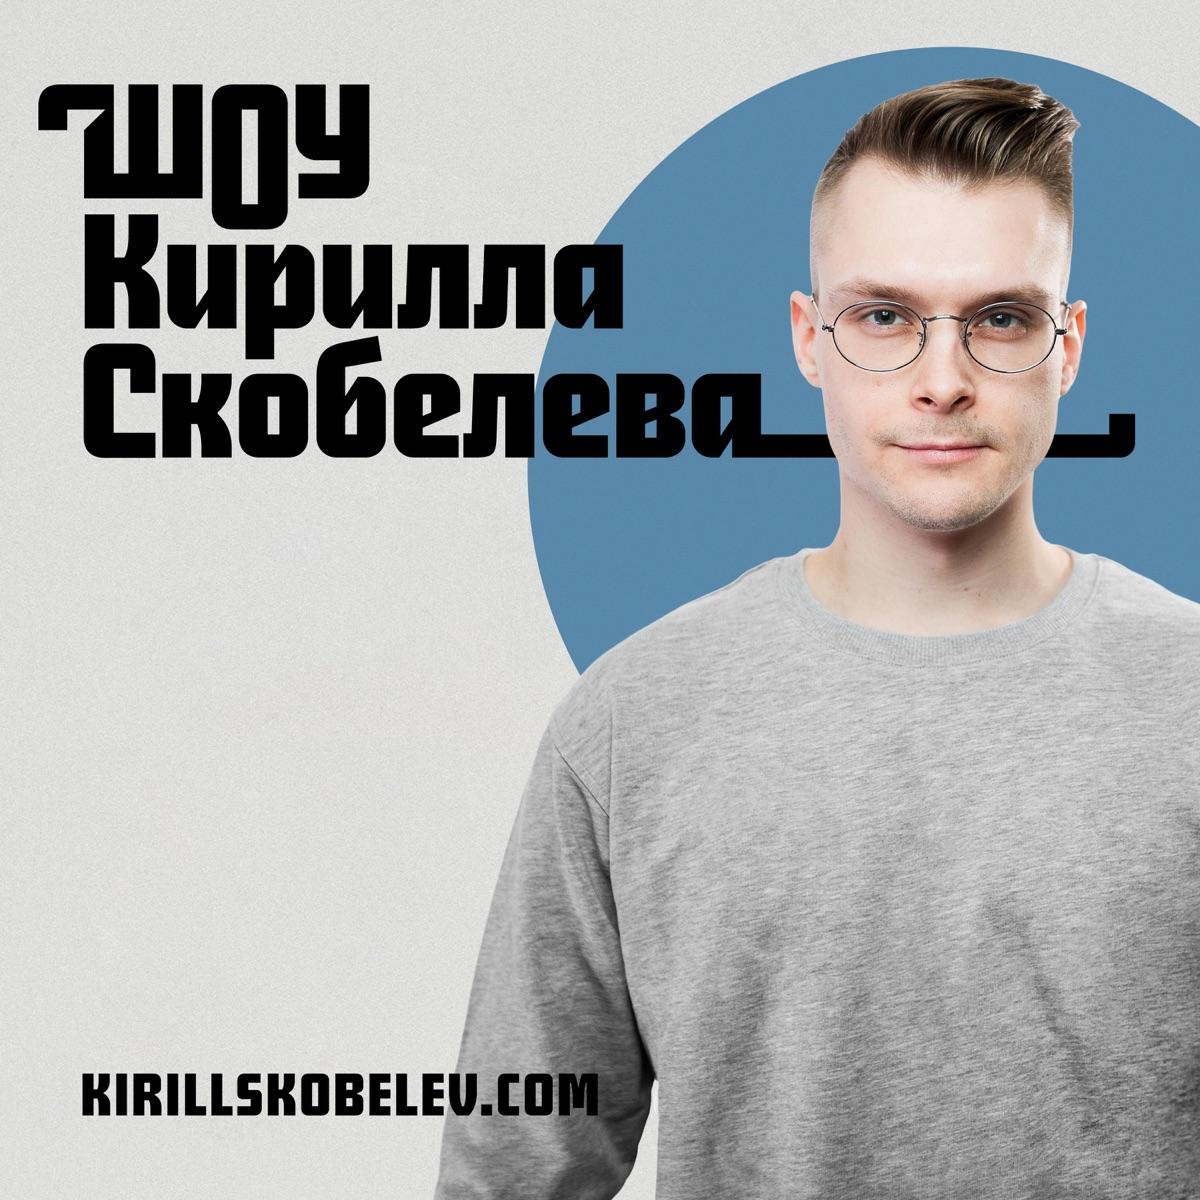 Ульяна Петрухина: Блог — как возможность освободить себя